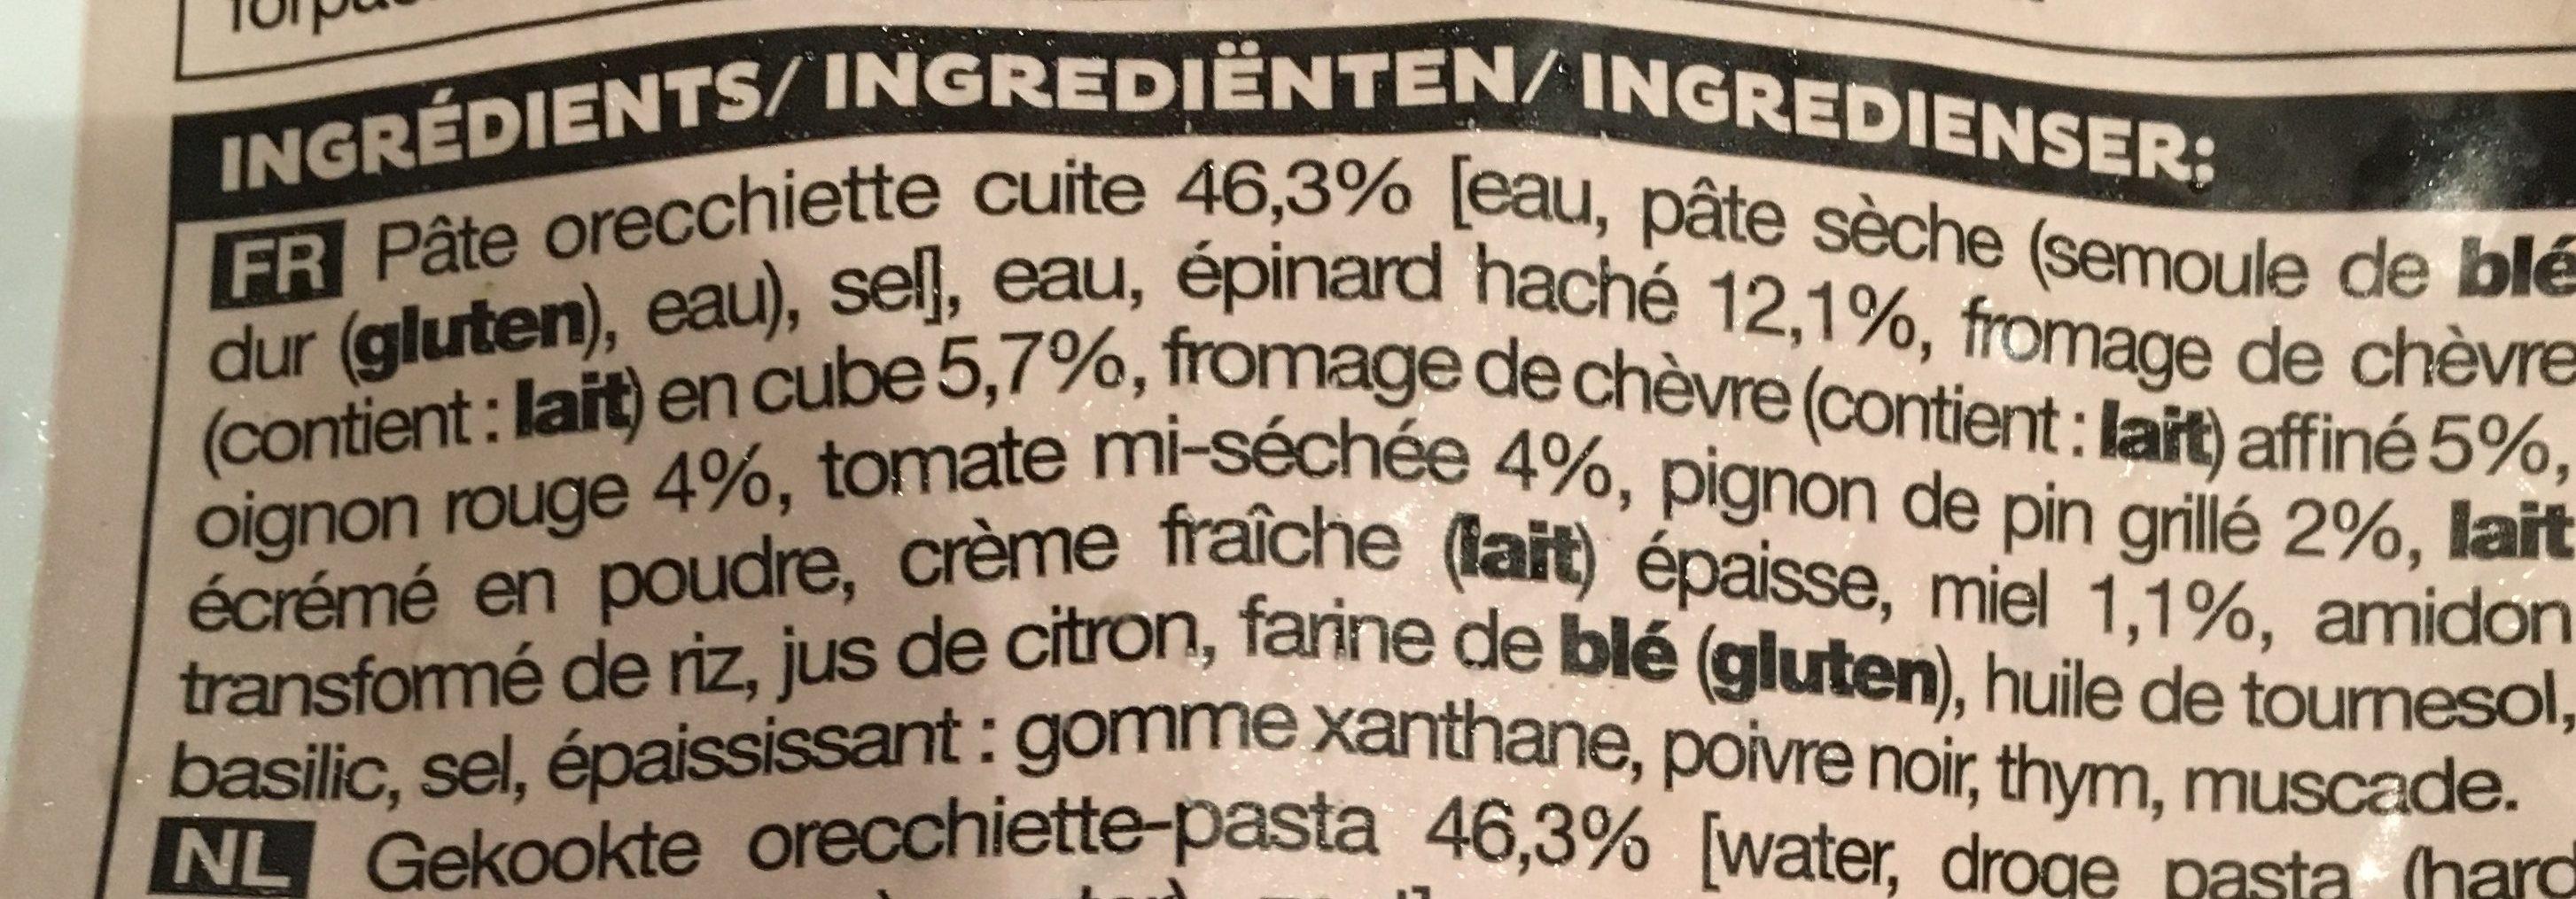 Pâtes Orecchiette au Fromage de Chèvre et au Miel, Pignons de Pin - Ingredients